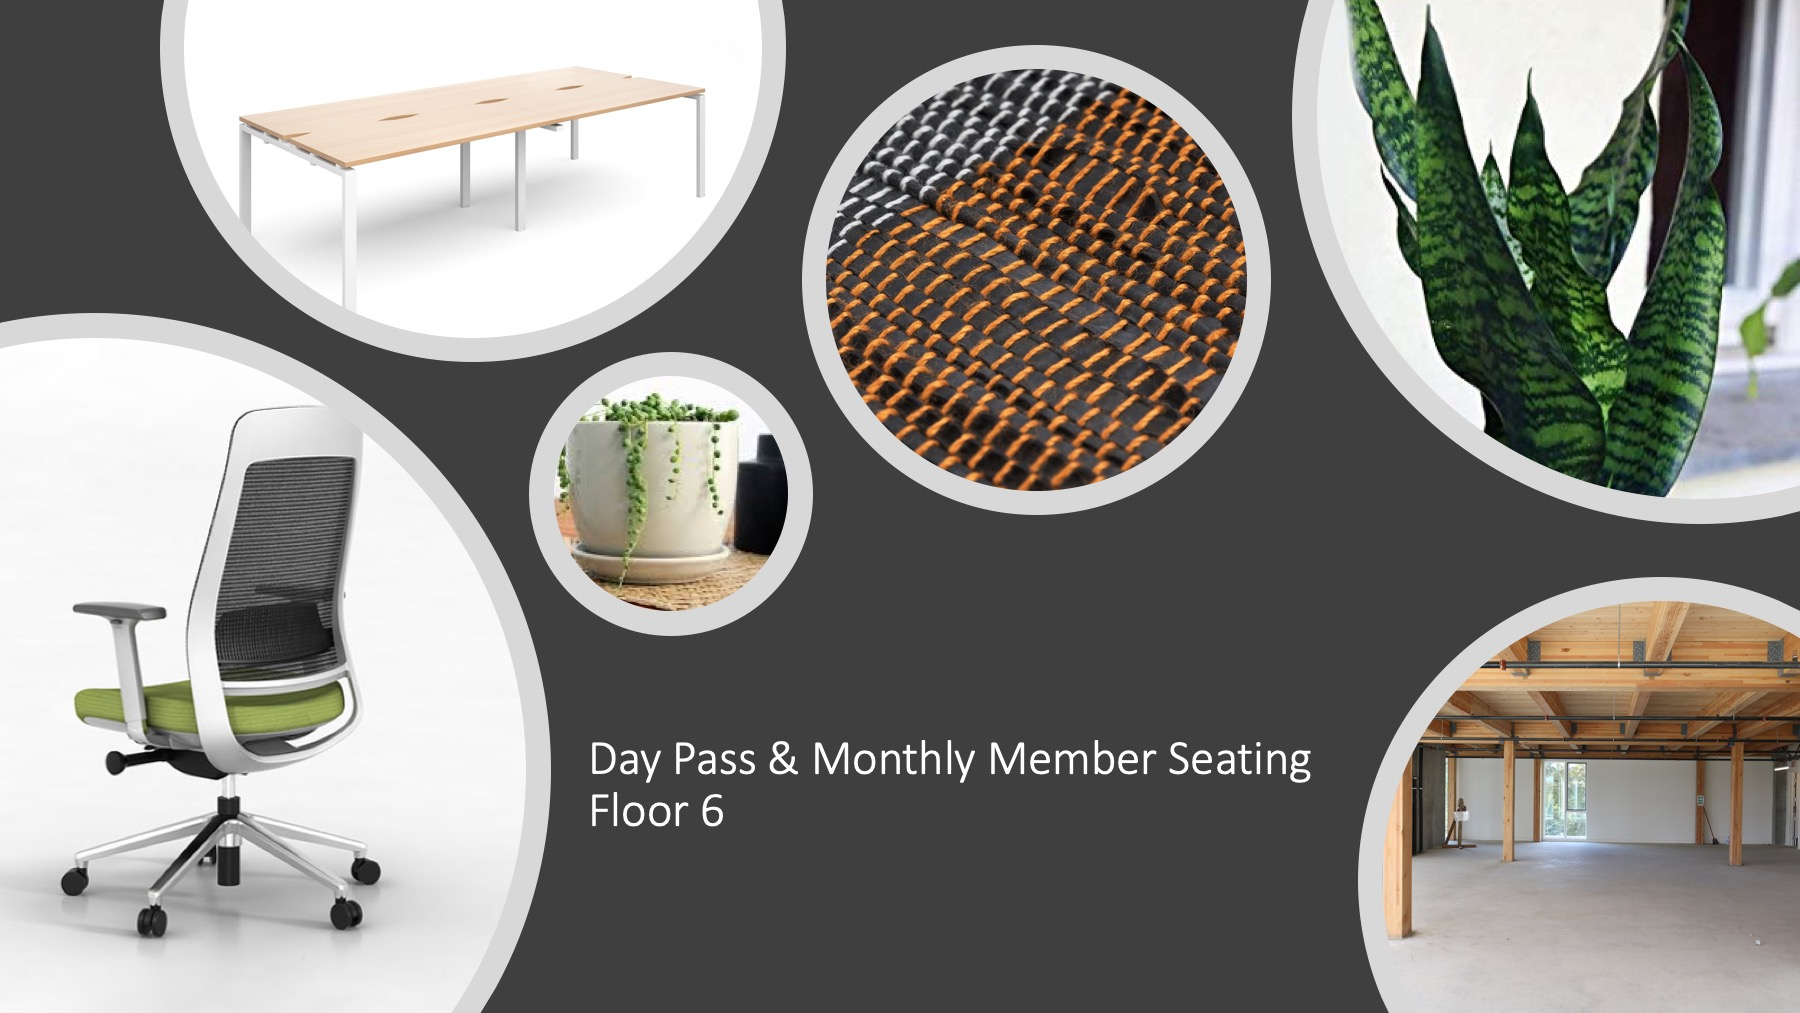 examples of floor member seating